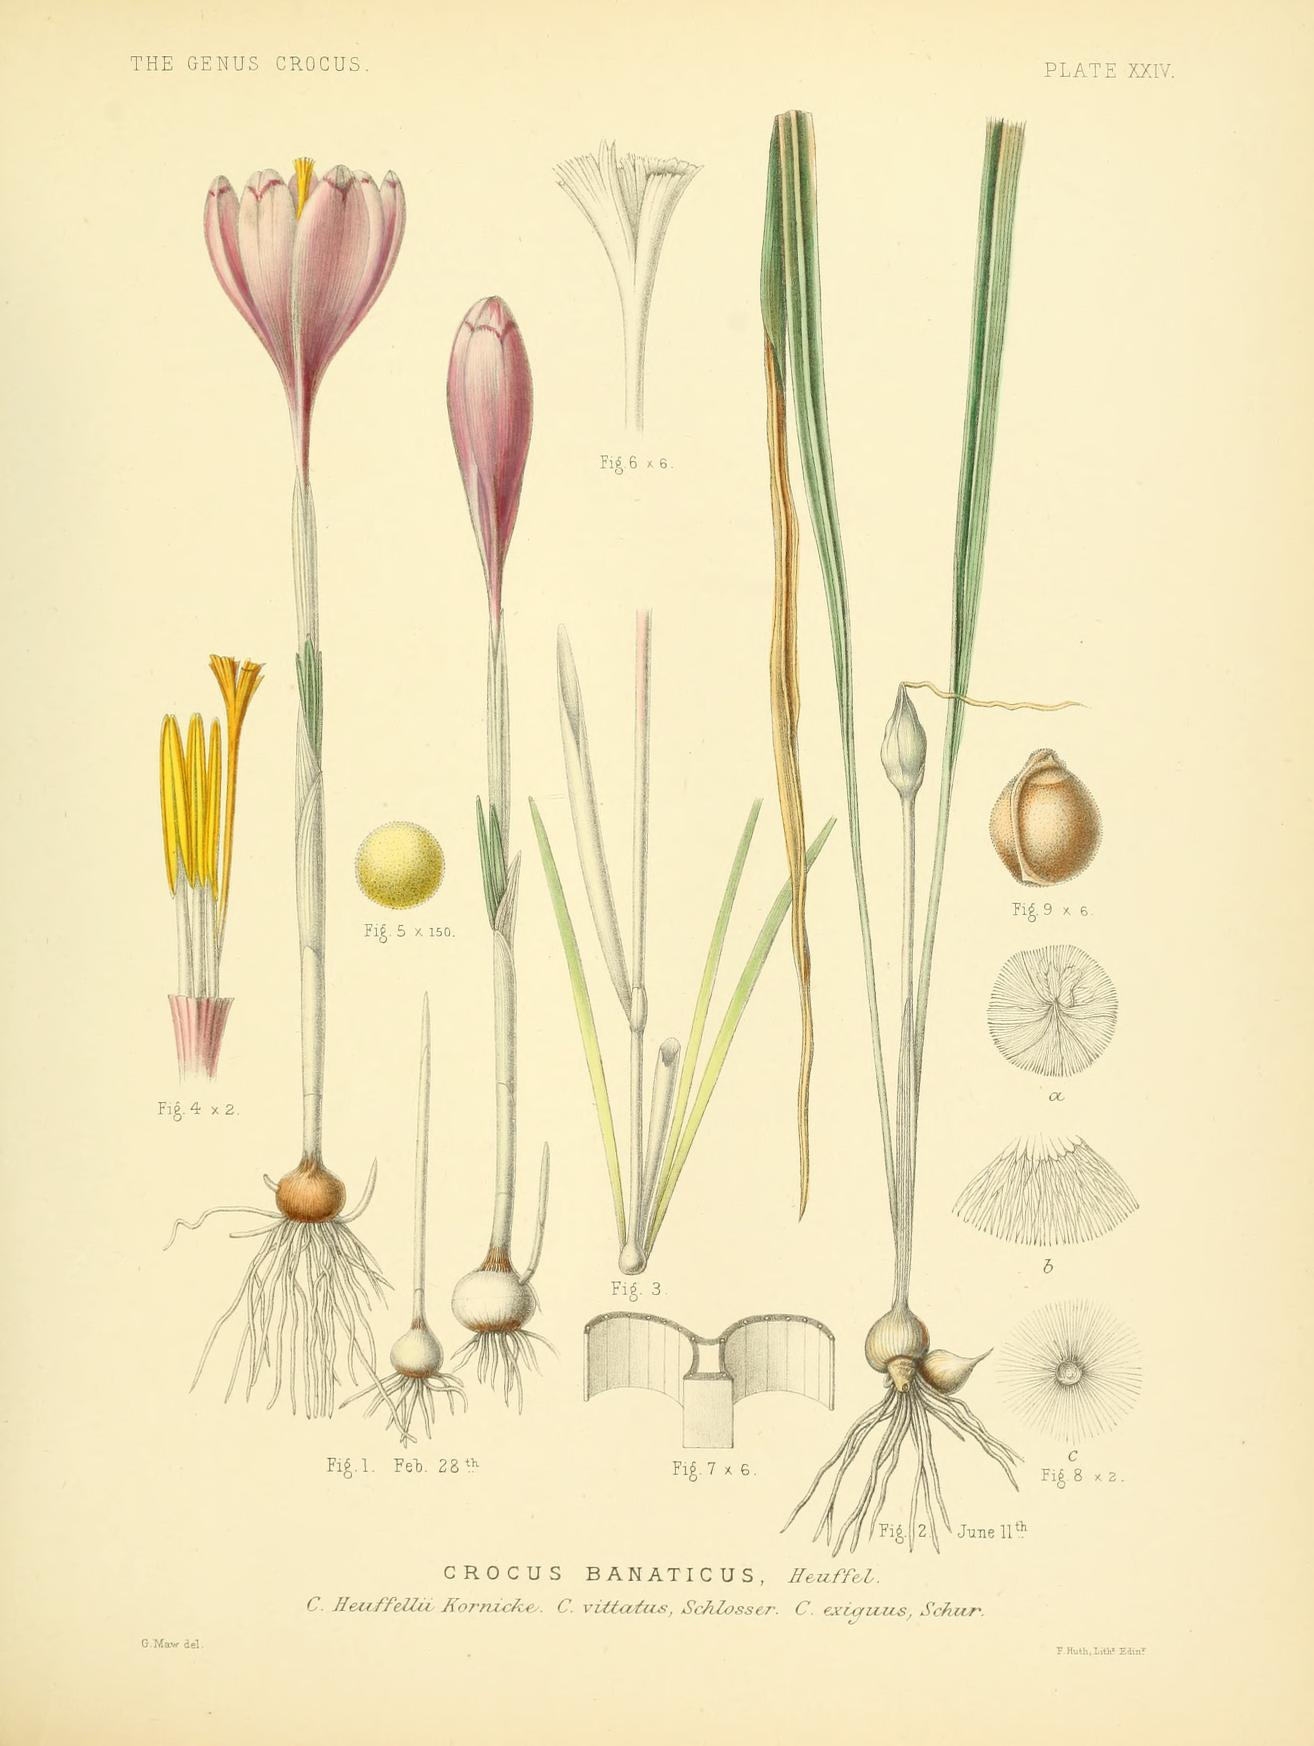 Crocus banaticus